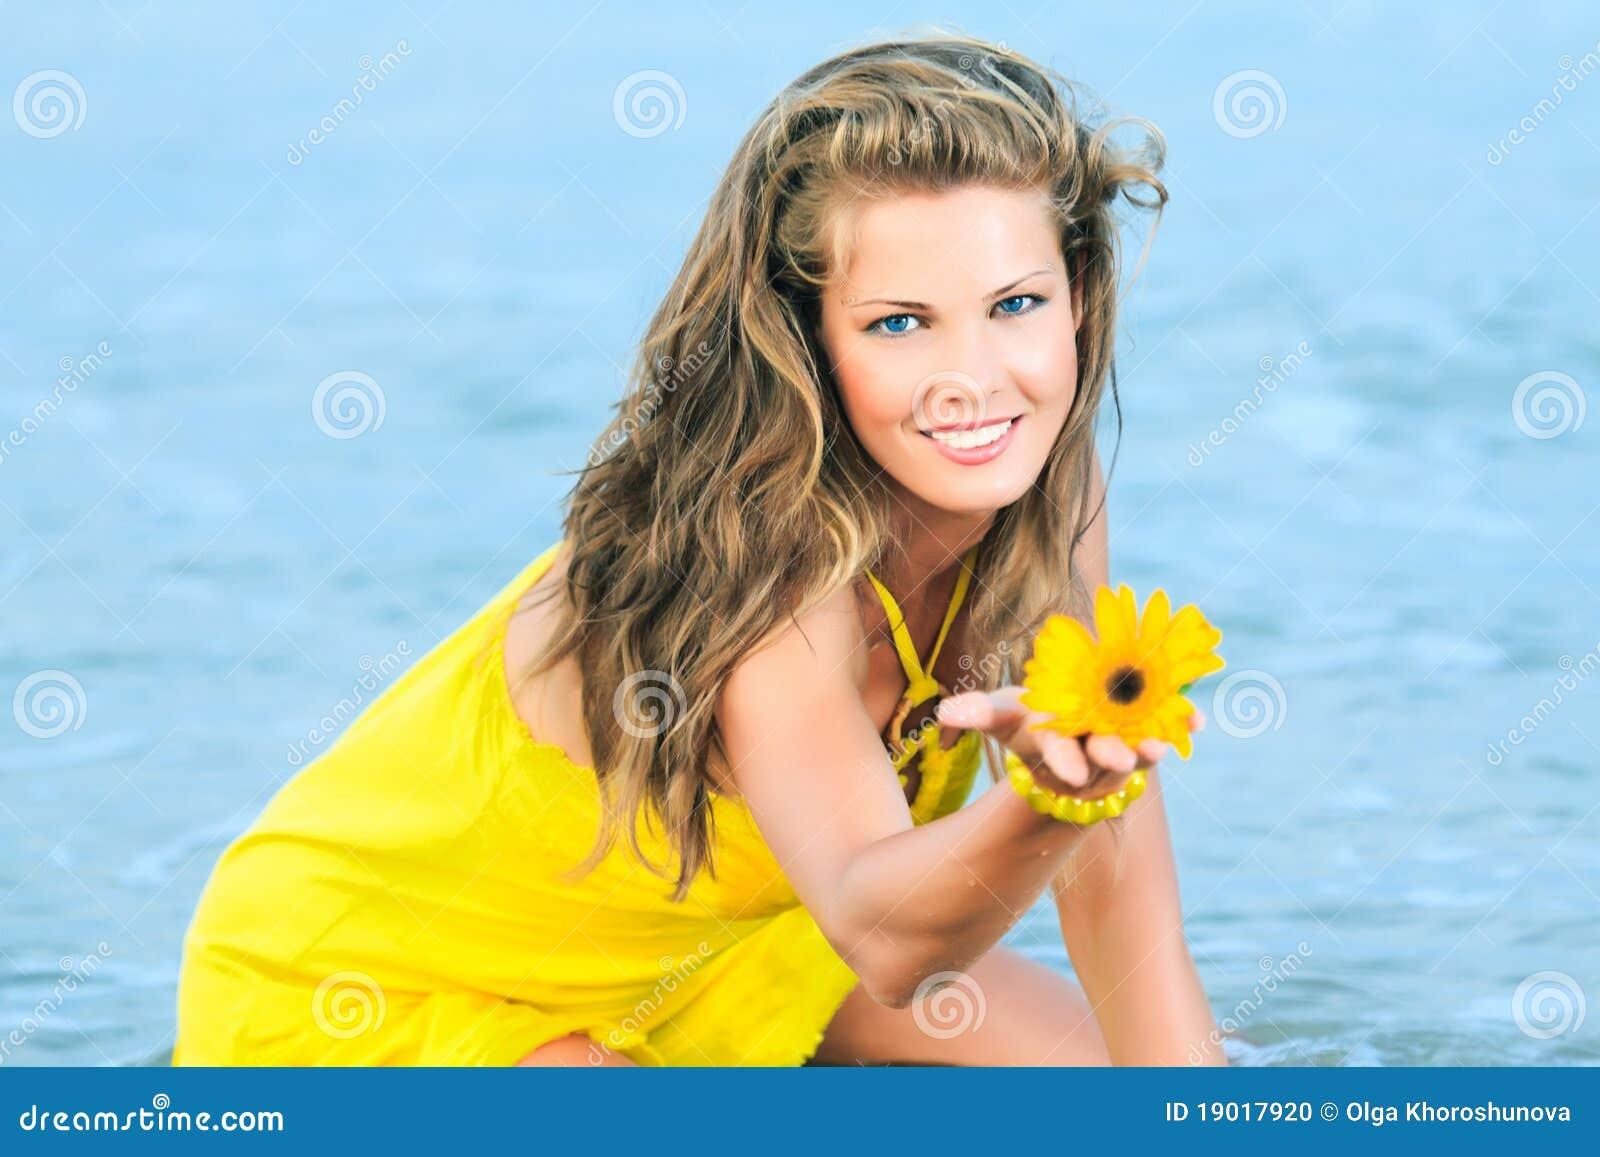 Фото причесок на пляже